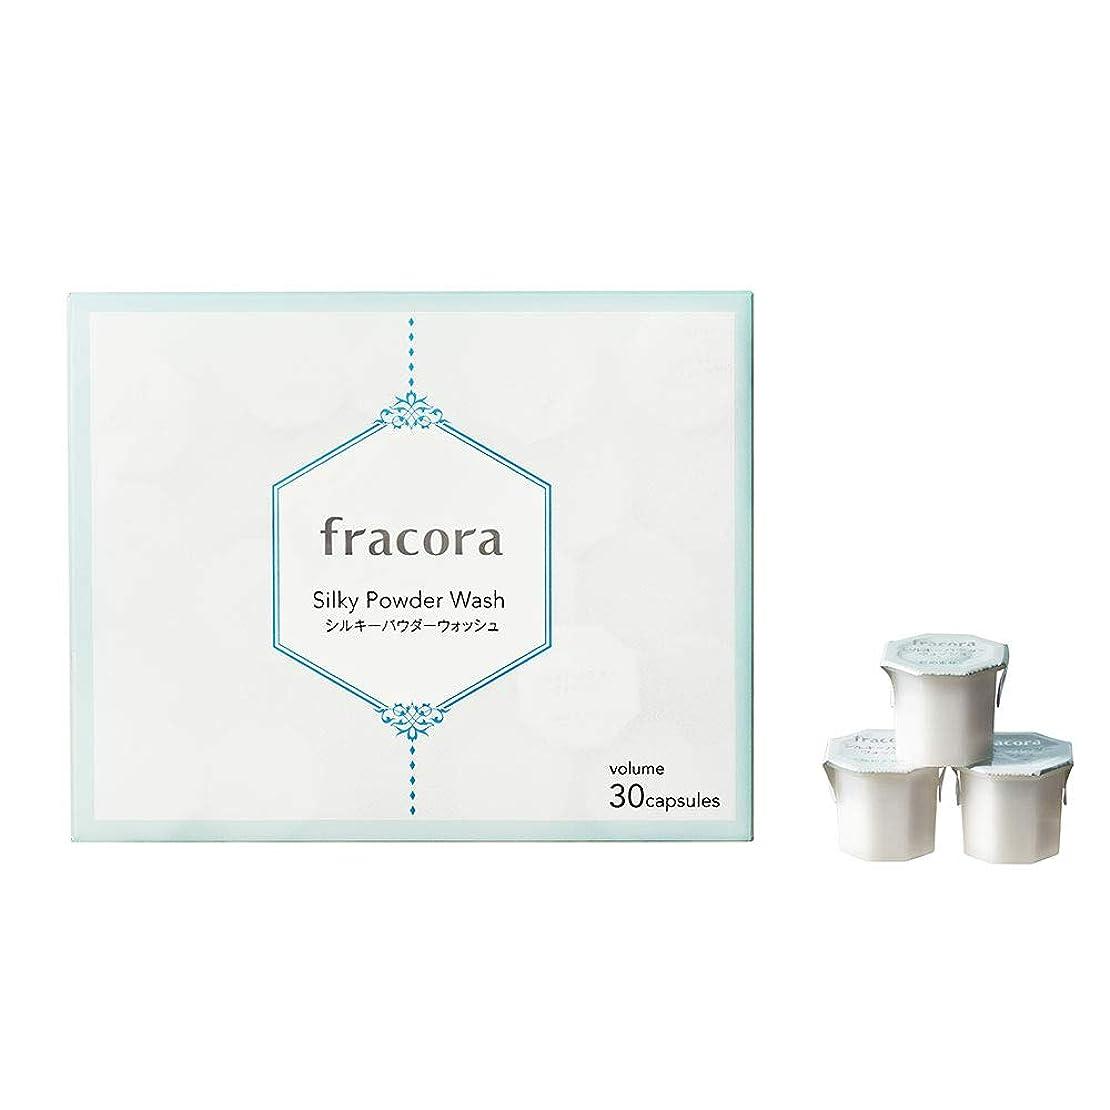 ショッピングセンターペグ仮称fracora(フラコラ) 酵素洗顔 シルキーパウダーウォッシュ 30カプセル入